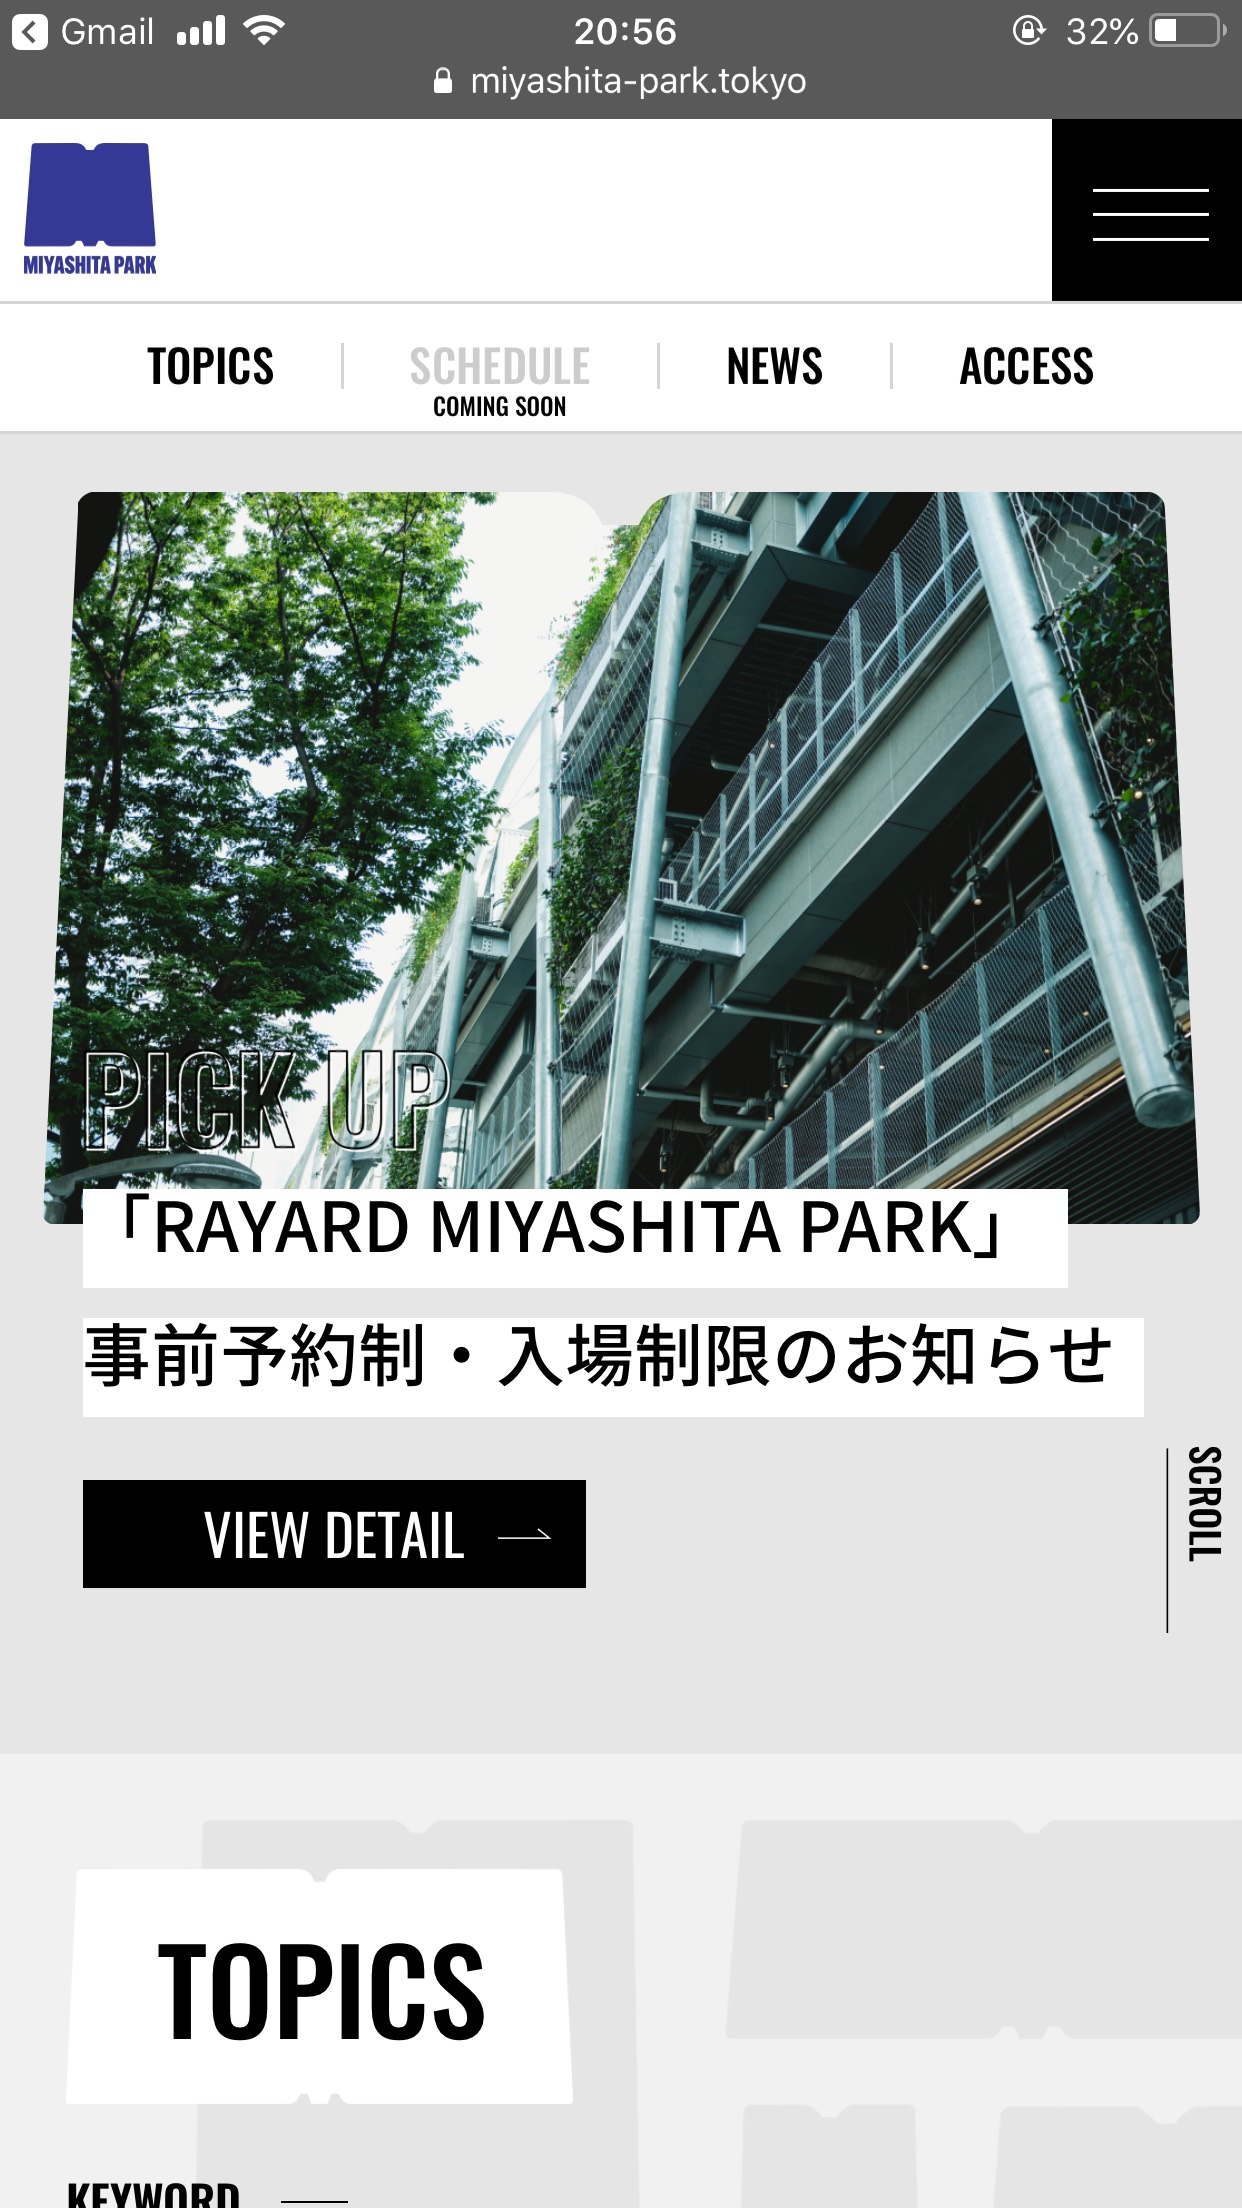 MIYASHITA PARK 公式ウェブサイト